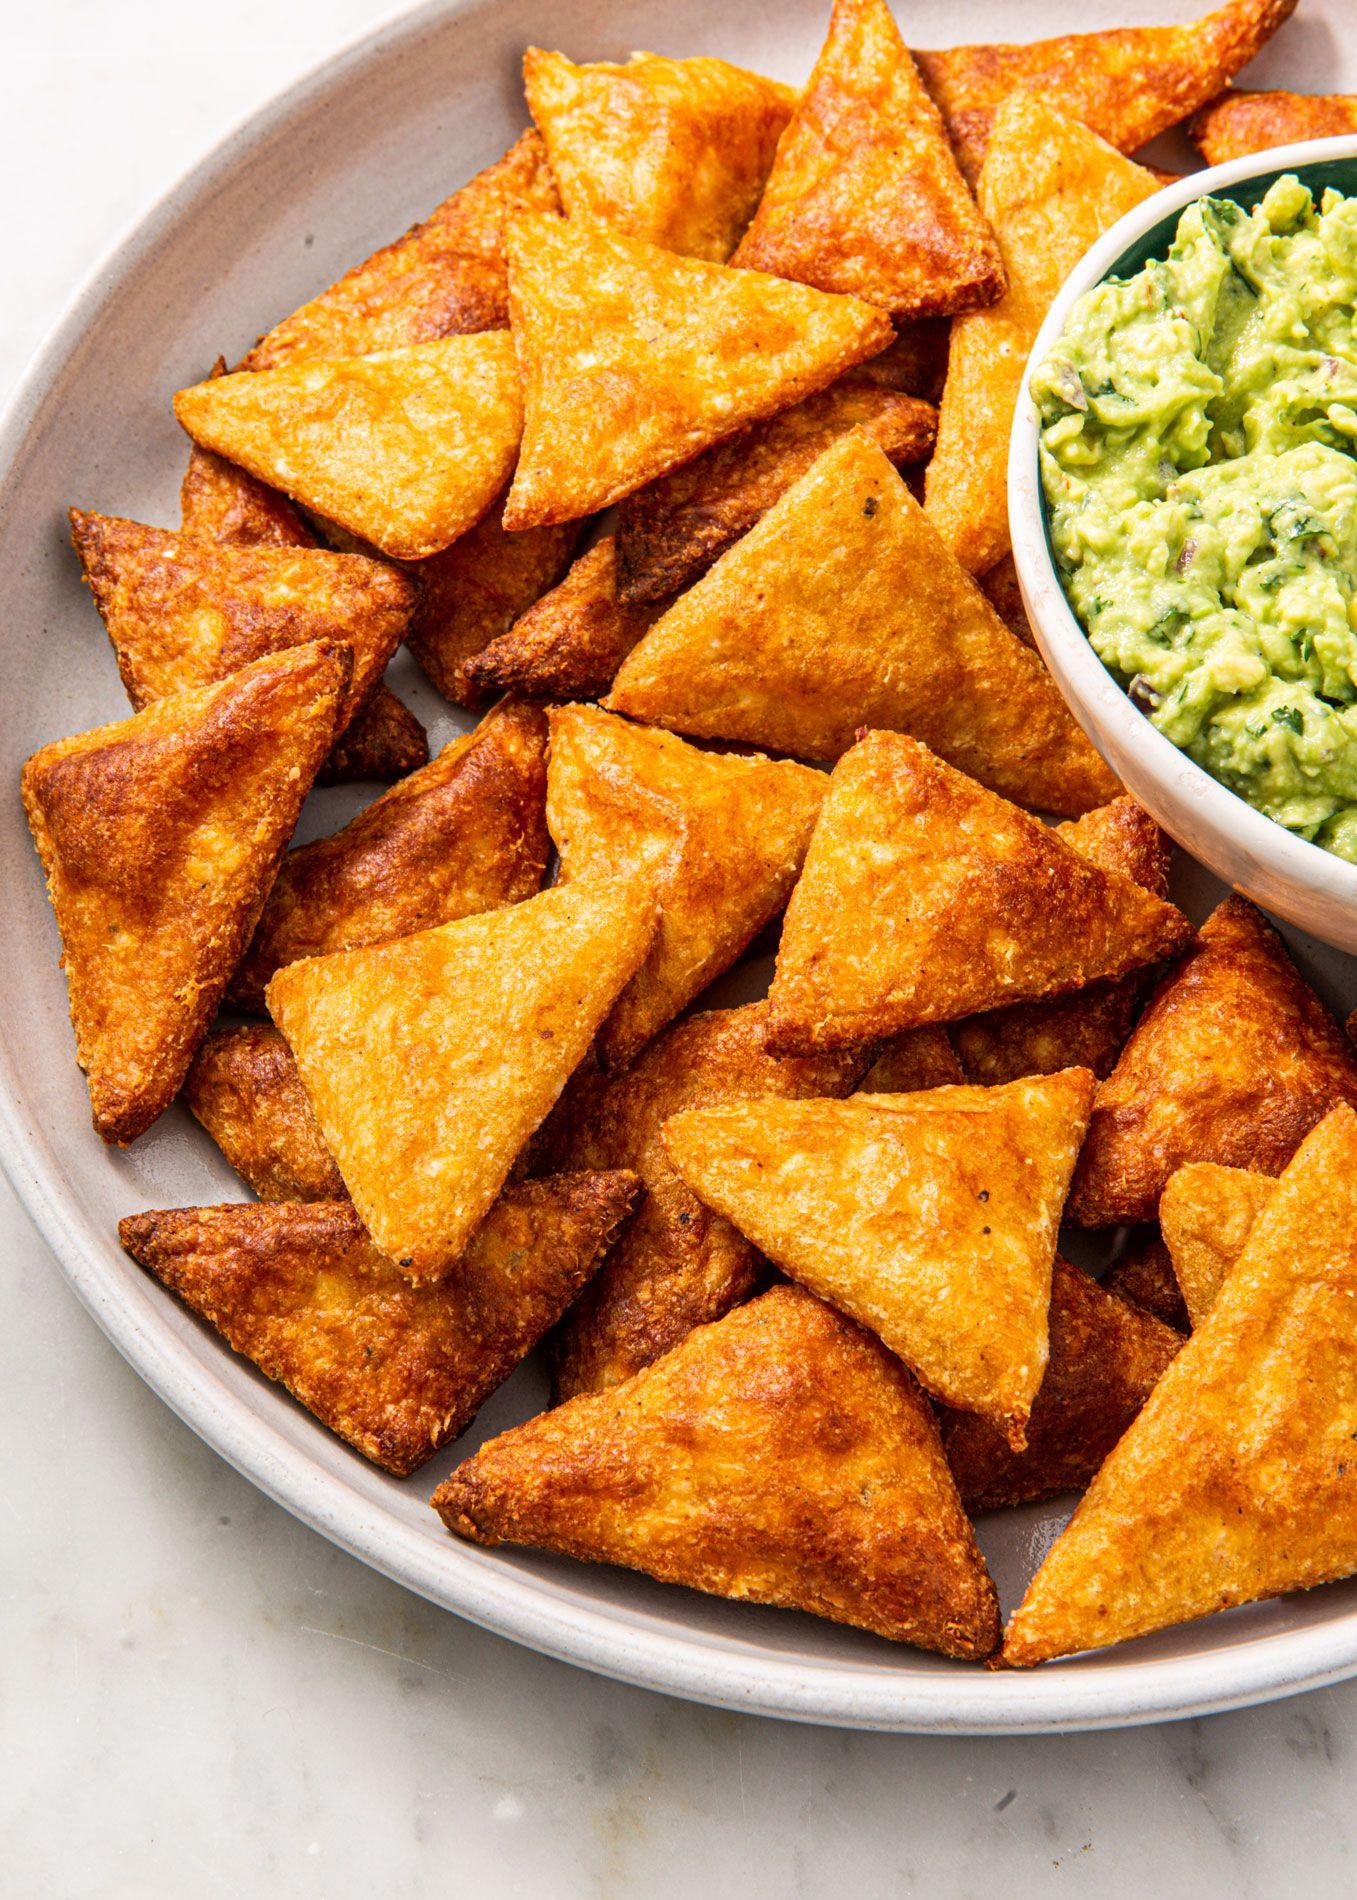 40 Best Keto Friendly Snacks To Make Easy Low Carb Keto Snacks Ideas